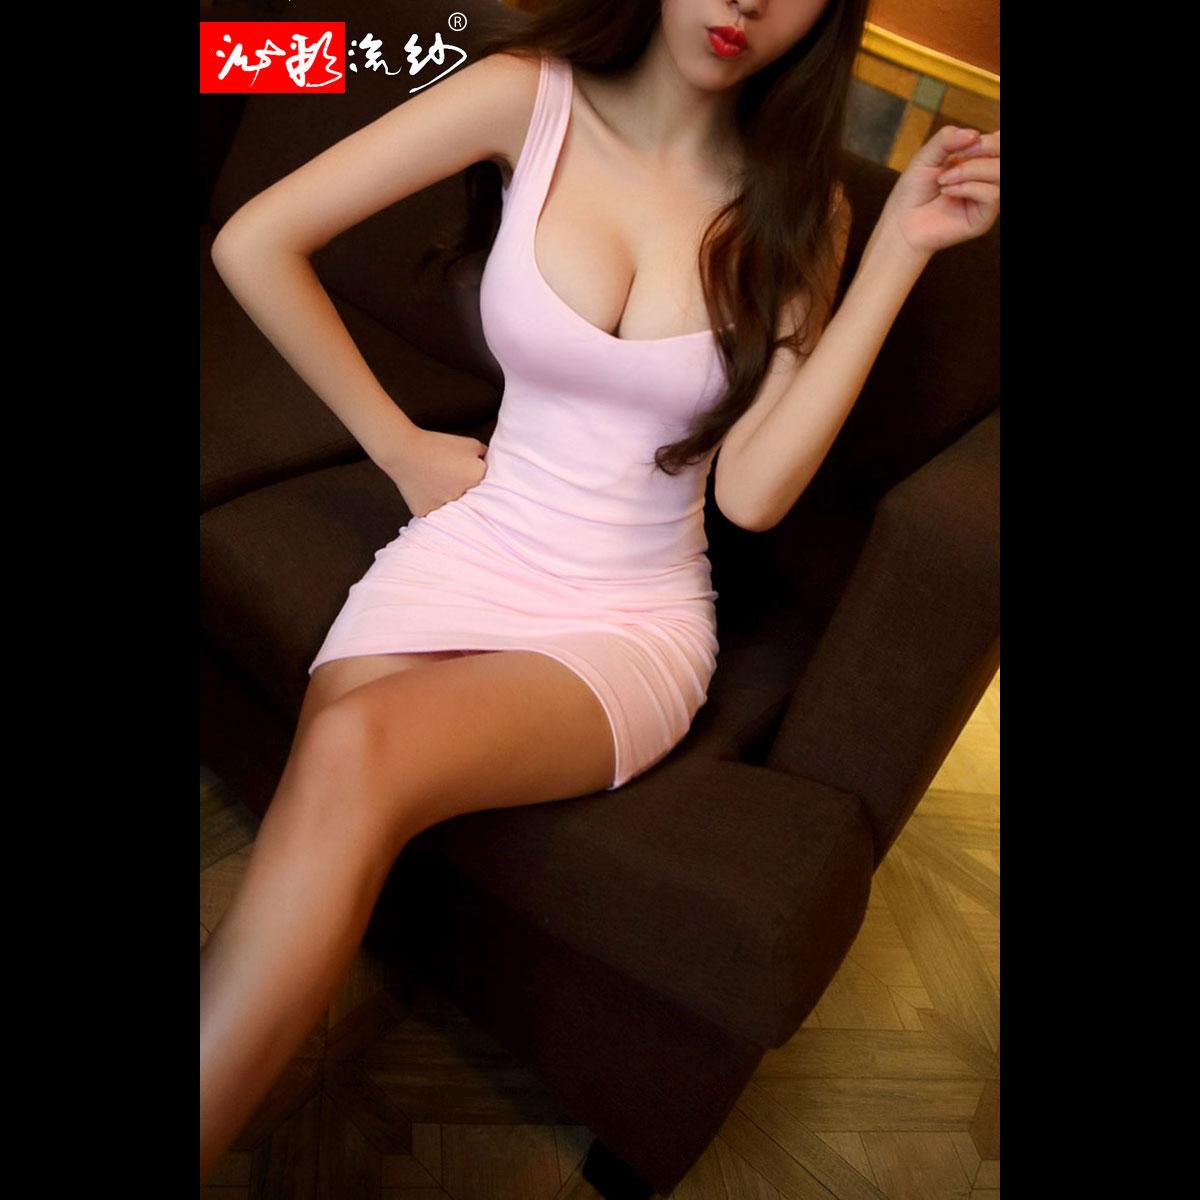 夜店女装夜场夜总会性感连衣裙修身V领低胸紧身包臀露胸超短裙子